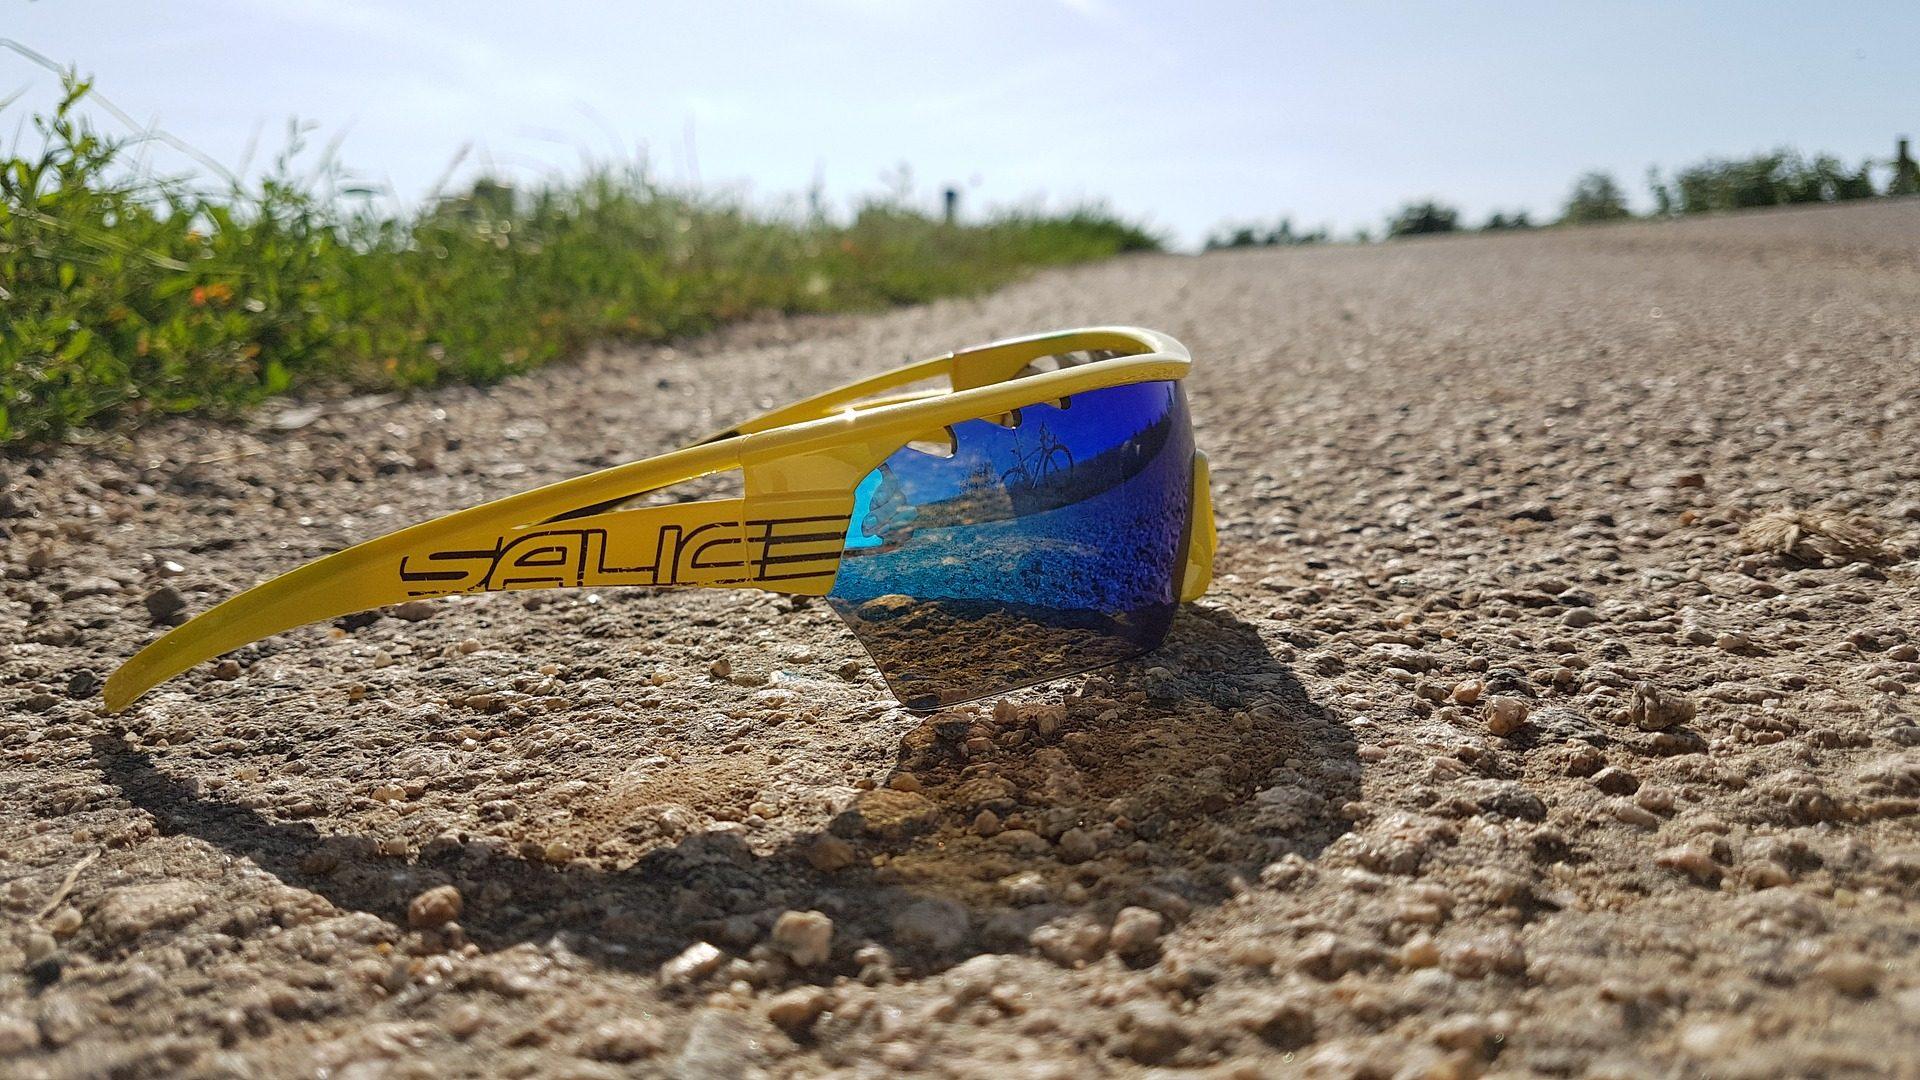 lunettes de soleil, asphalte, Route, vélos de route, réflexion - Fonds d'écran HD - Professor-falken.com